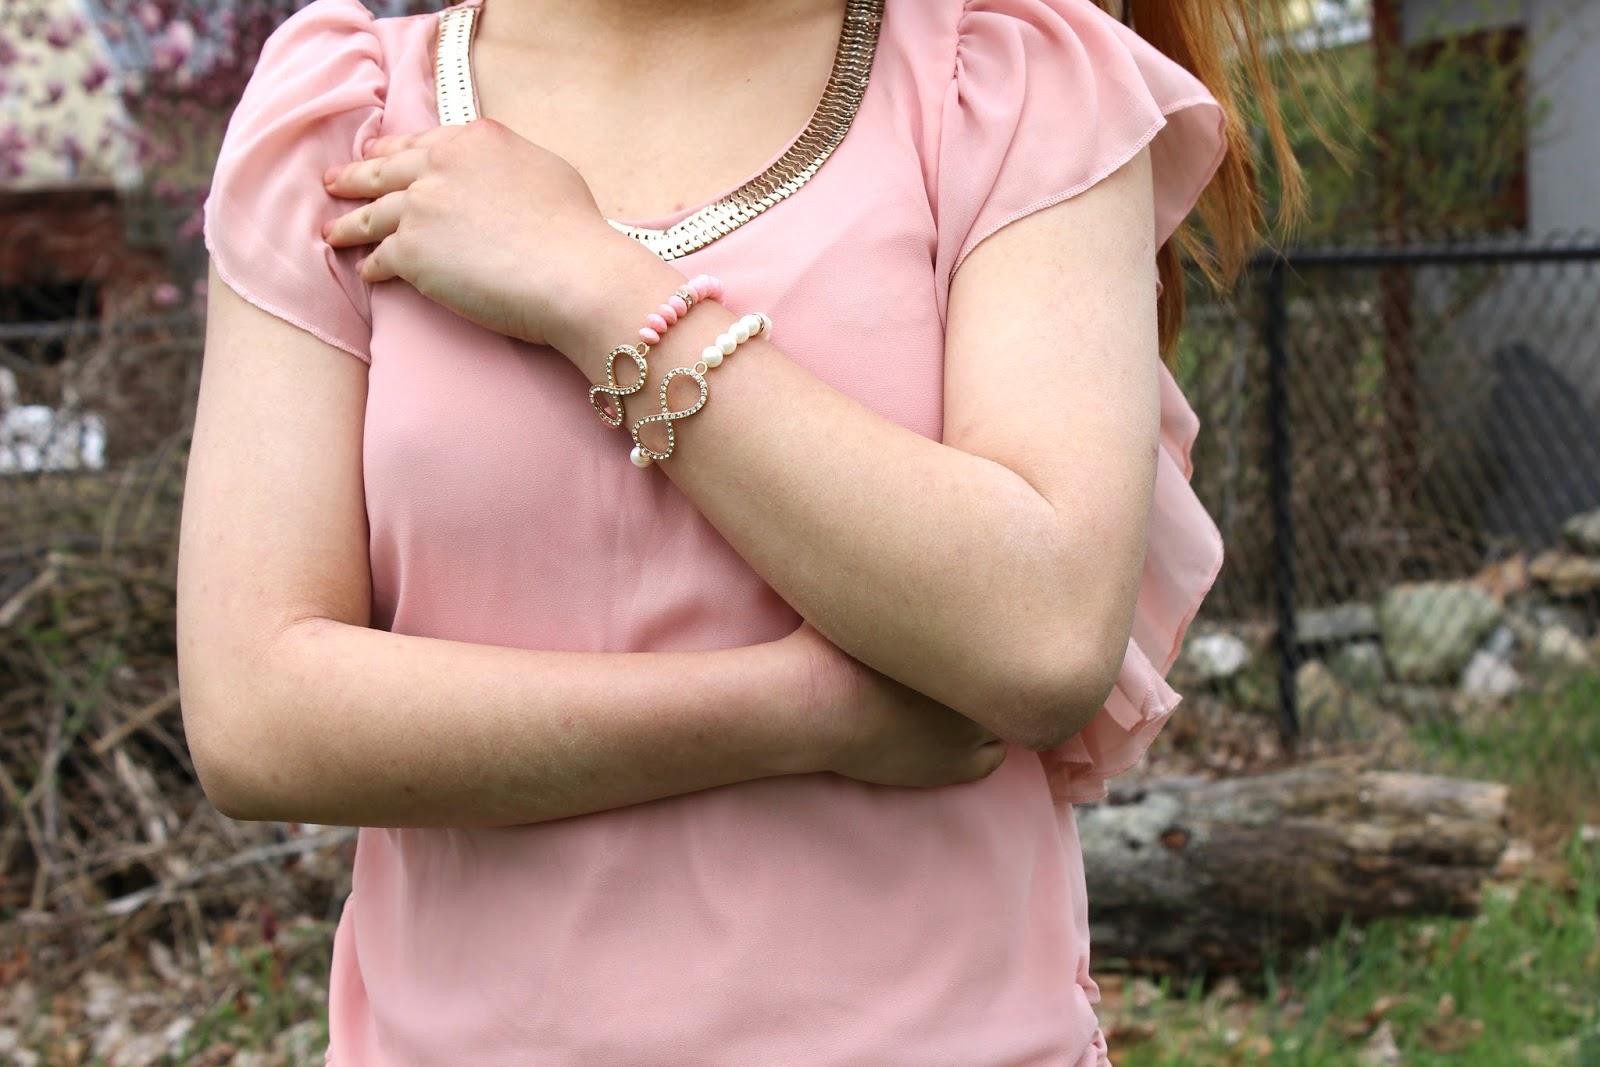 Rue 21 Infinity Bracelets